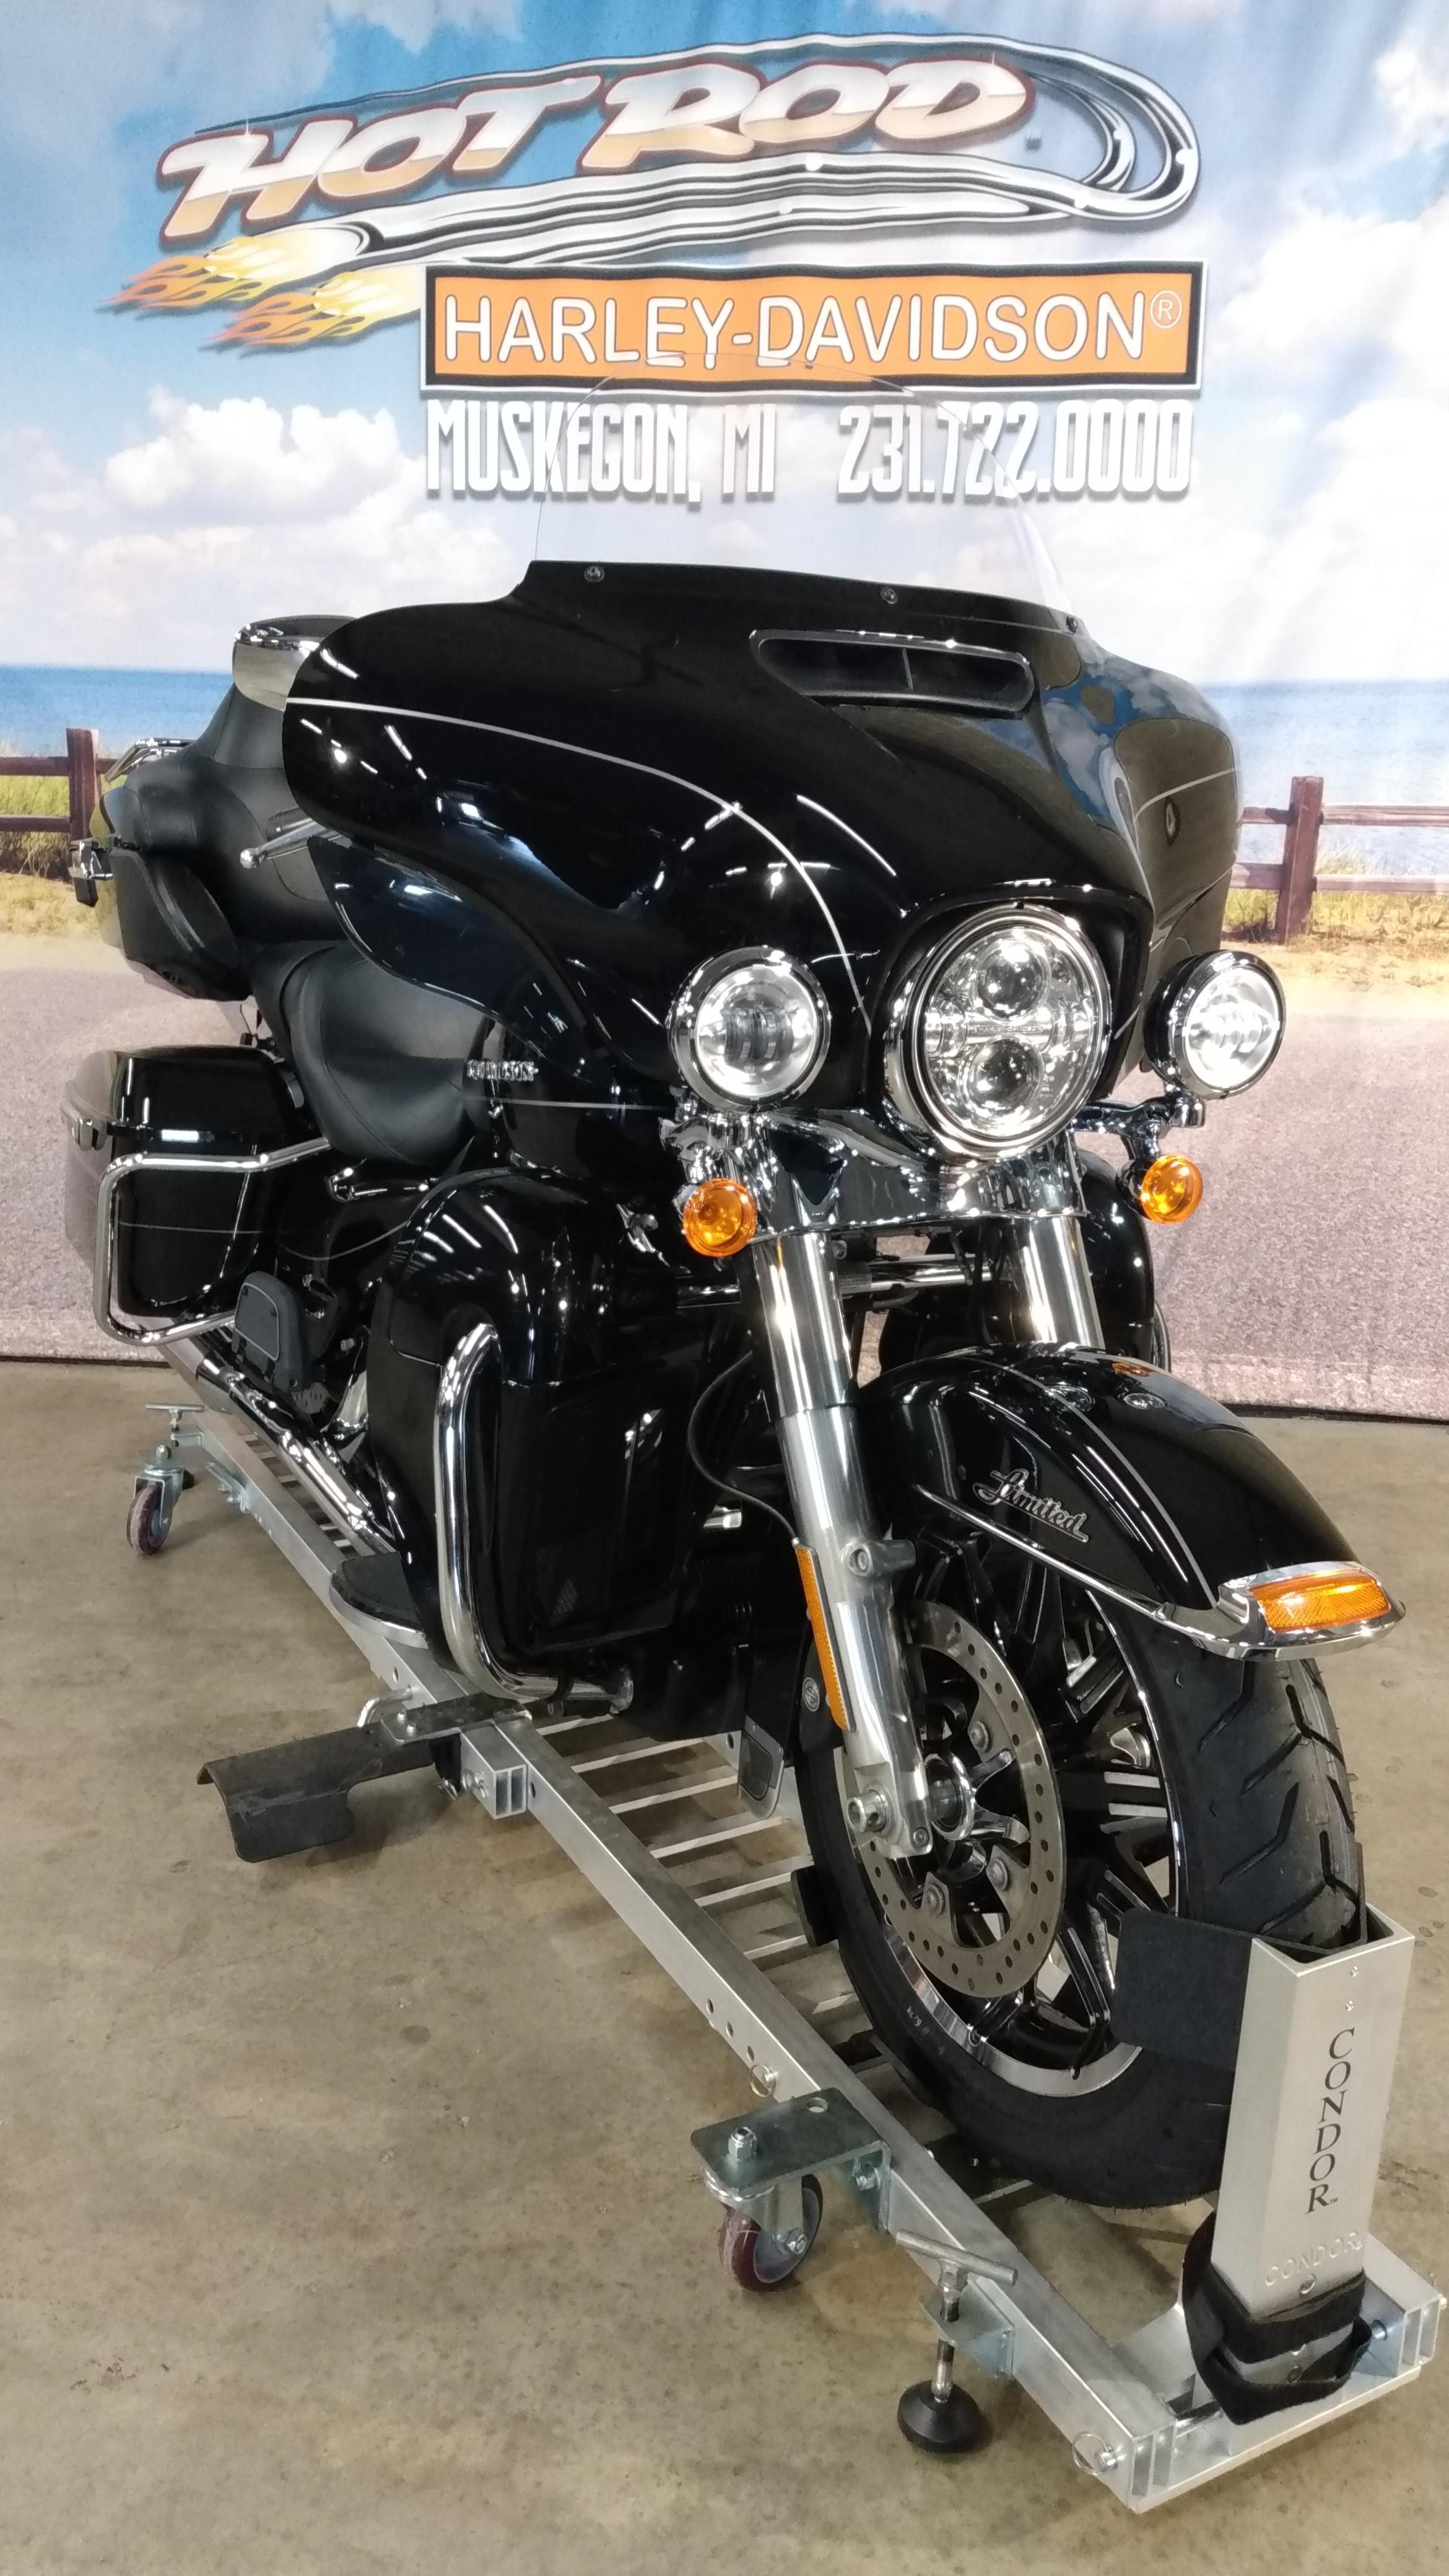 2016 Harley-Davidson Electra Glide Ultra Limited at Hot Rod Harley-Davidson